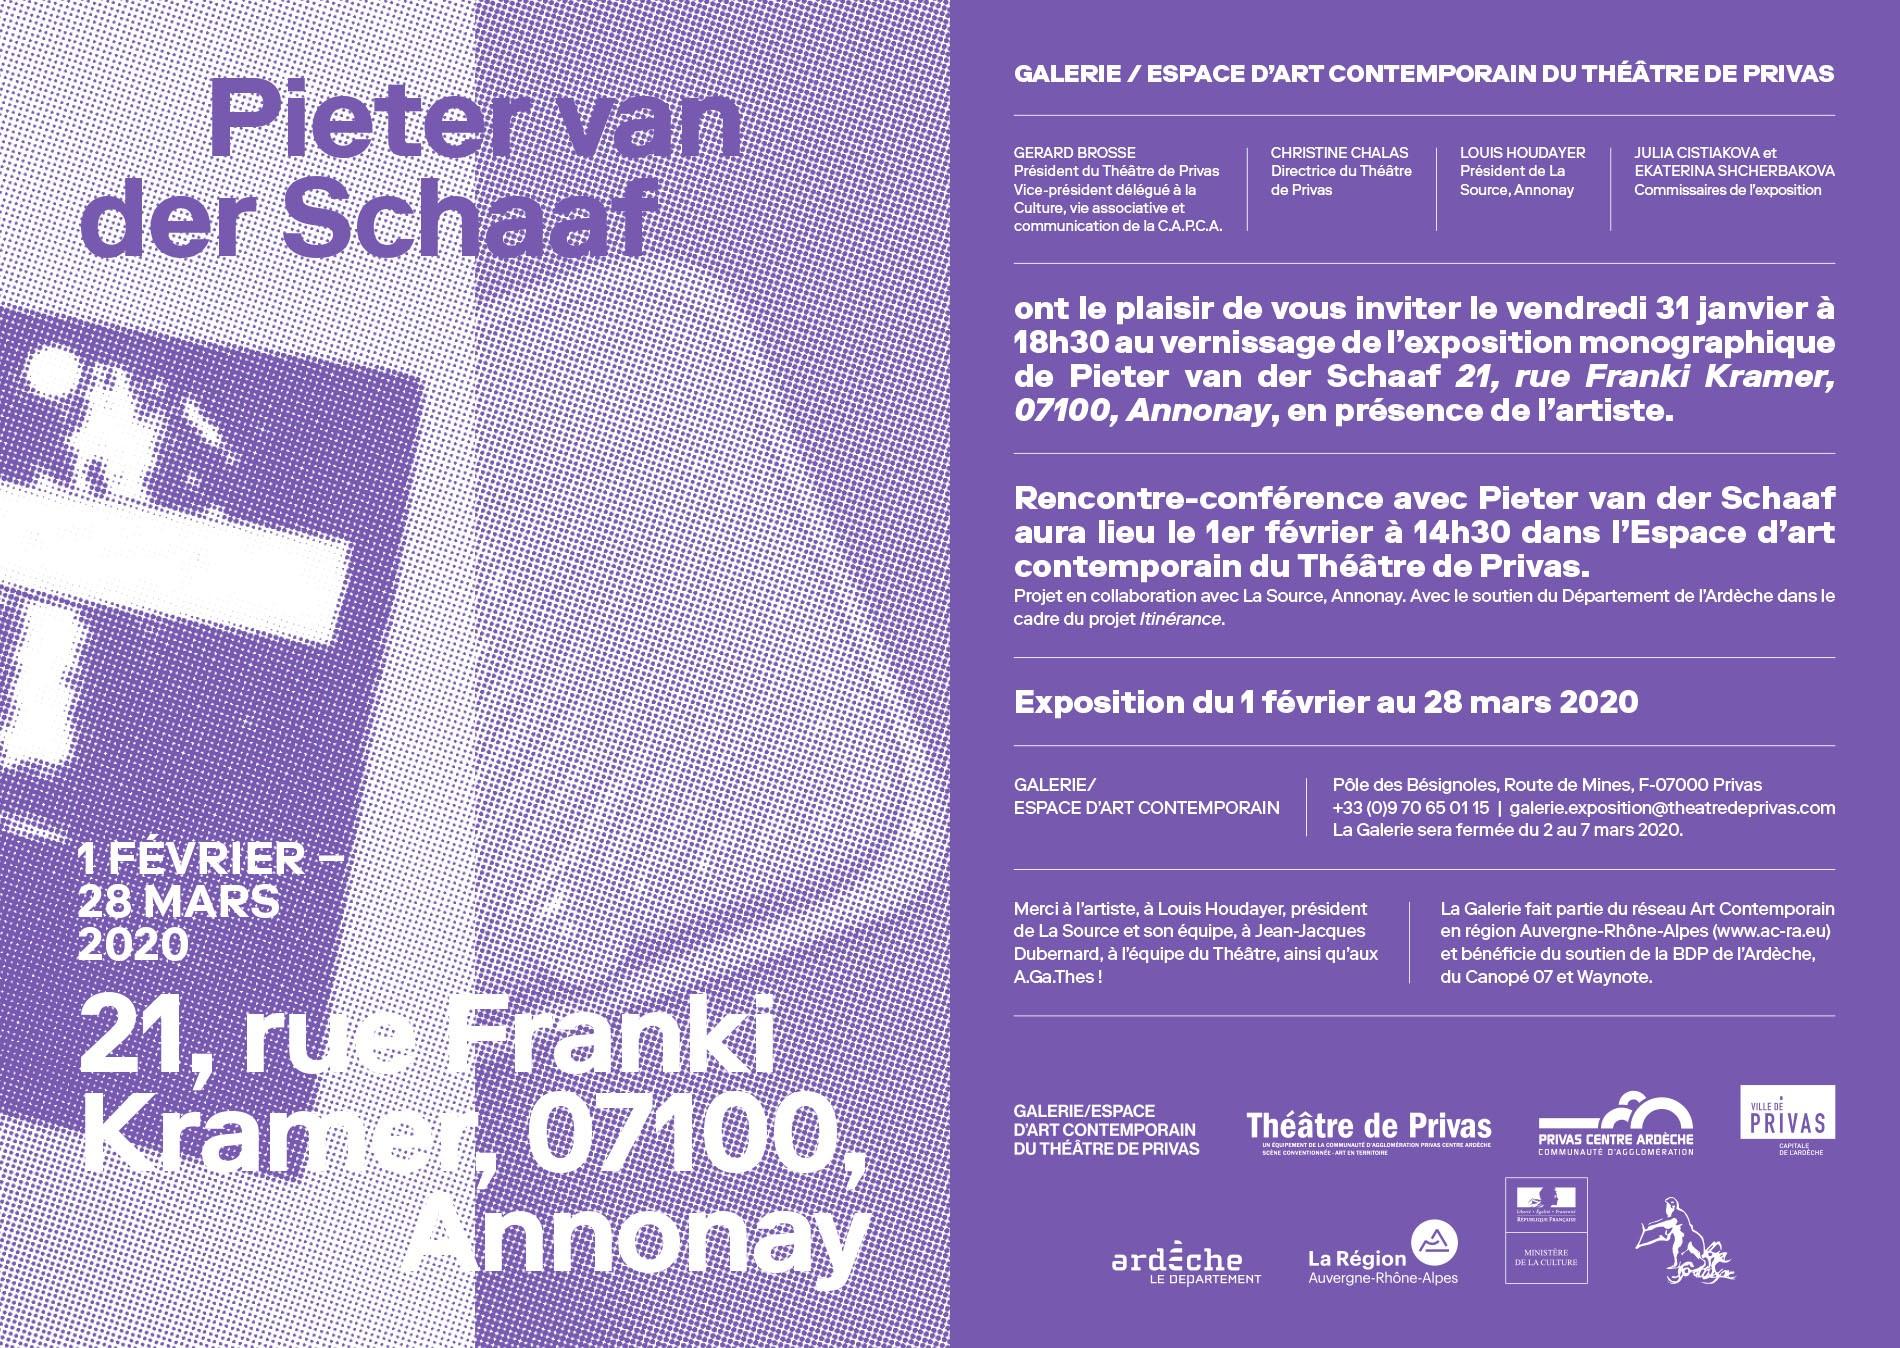 Rendez-vous futés ! : Vernissage de l'exposition de Pieter Van Der Schaaf intitulée :  21, Rue Franki Kramer 07100 Annonay